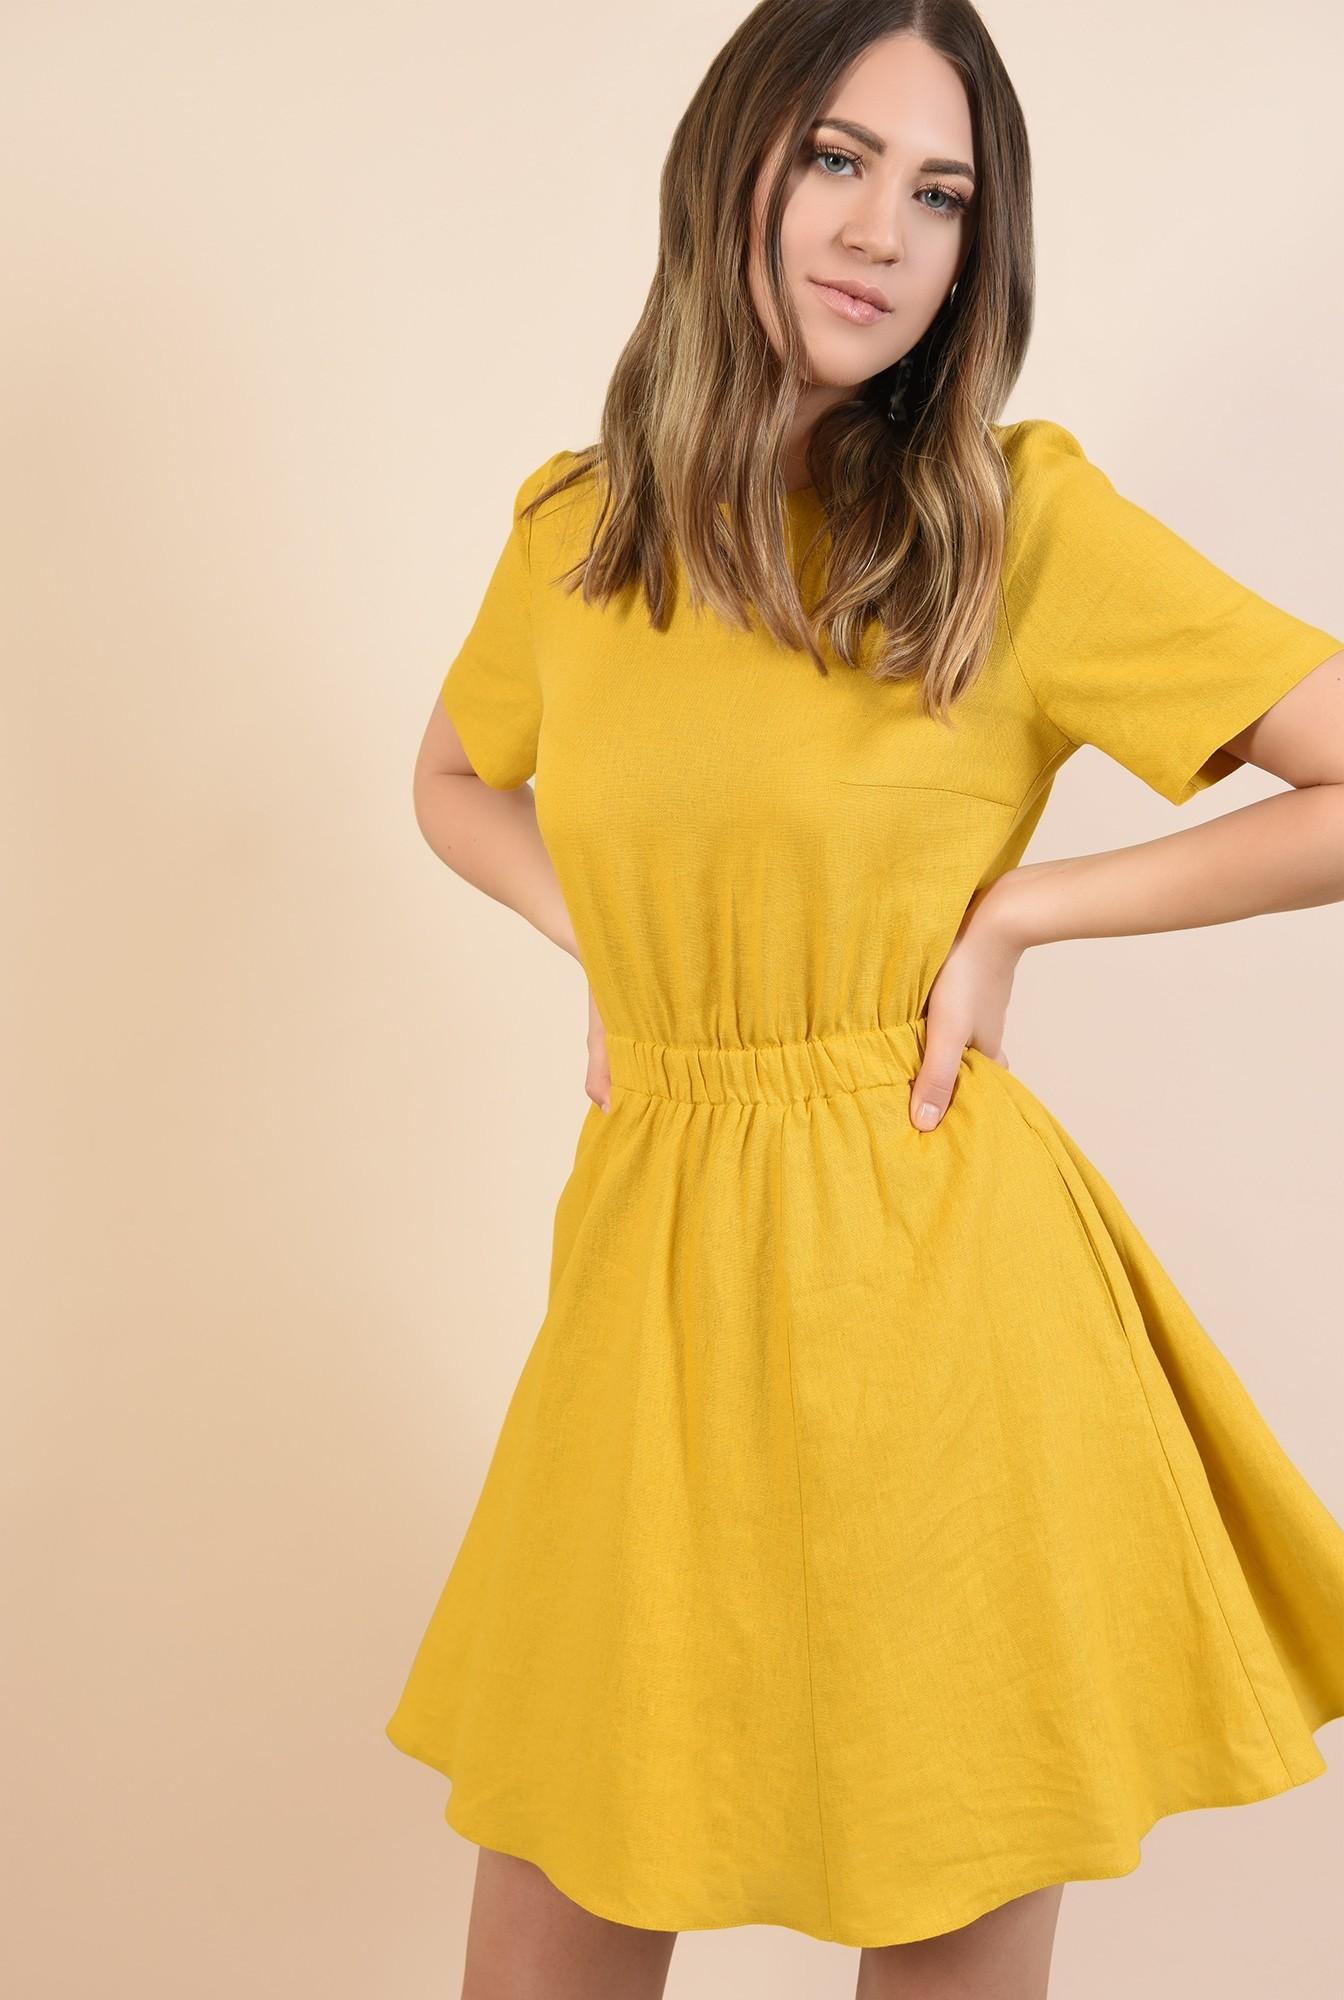 2 - rochie mustar, scurta, talie pe elastic, maneci scurte